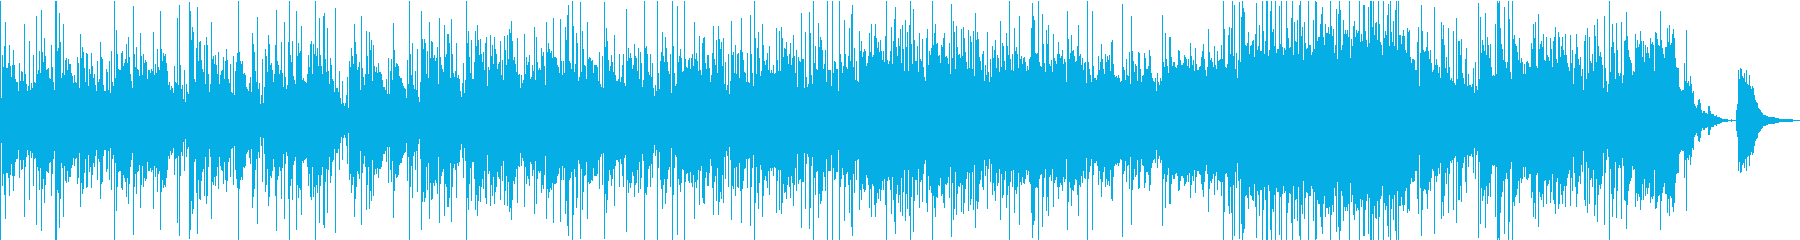 英詞大人シティポップス溢れるピアノ心の再生済みの波形